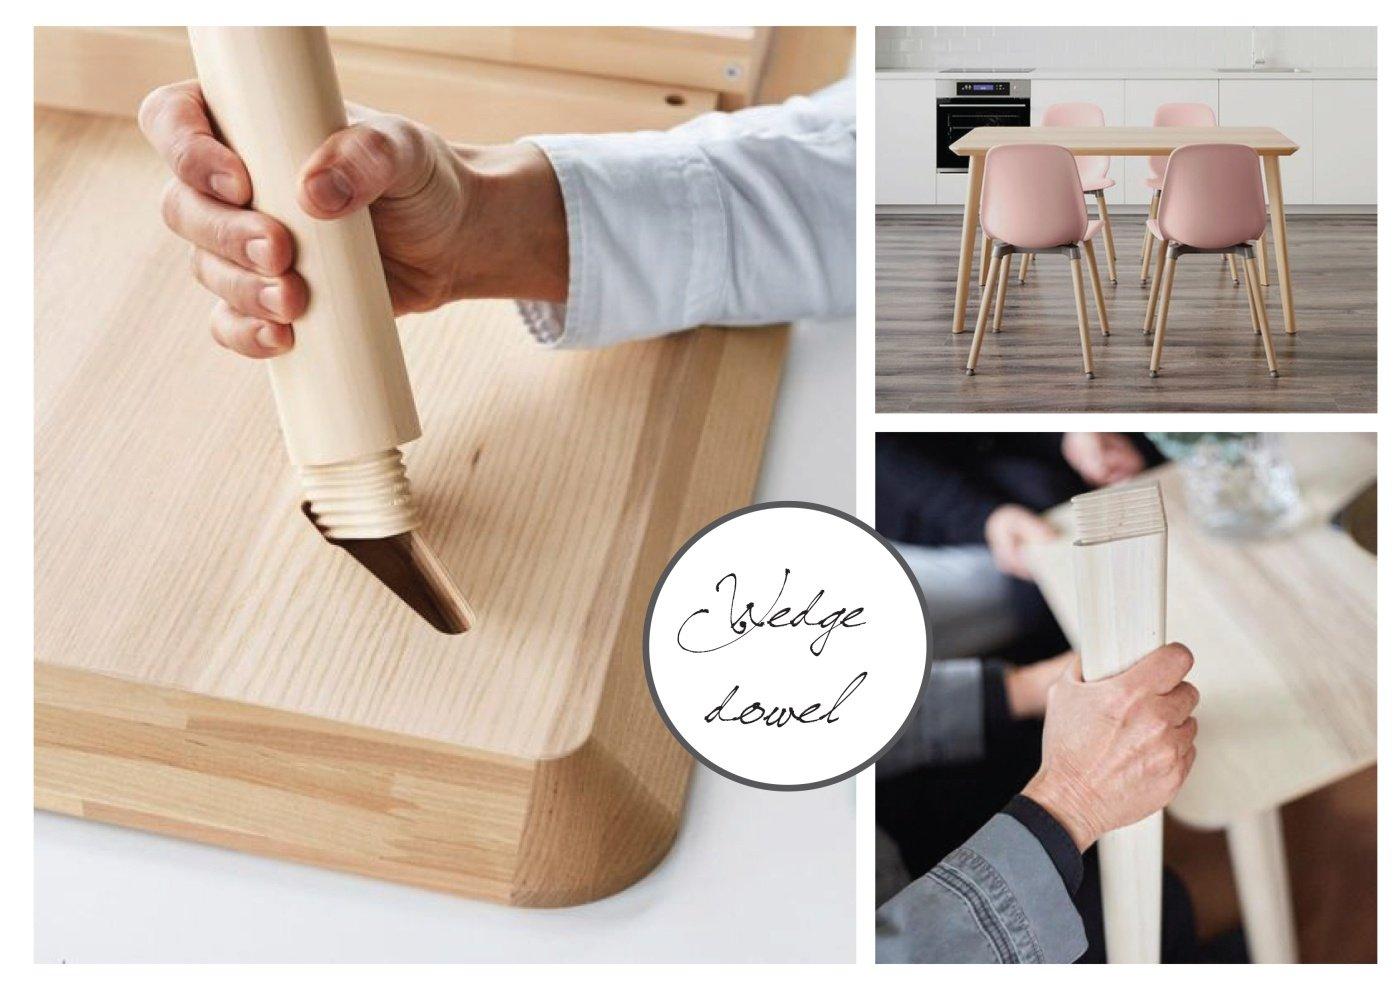 Mobili ad incastro Ikea